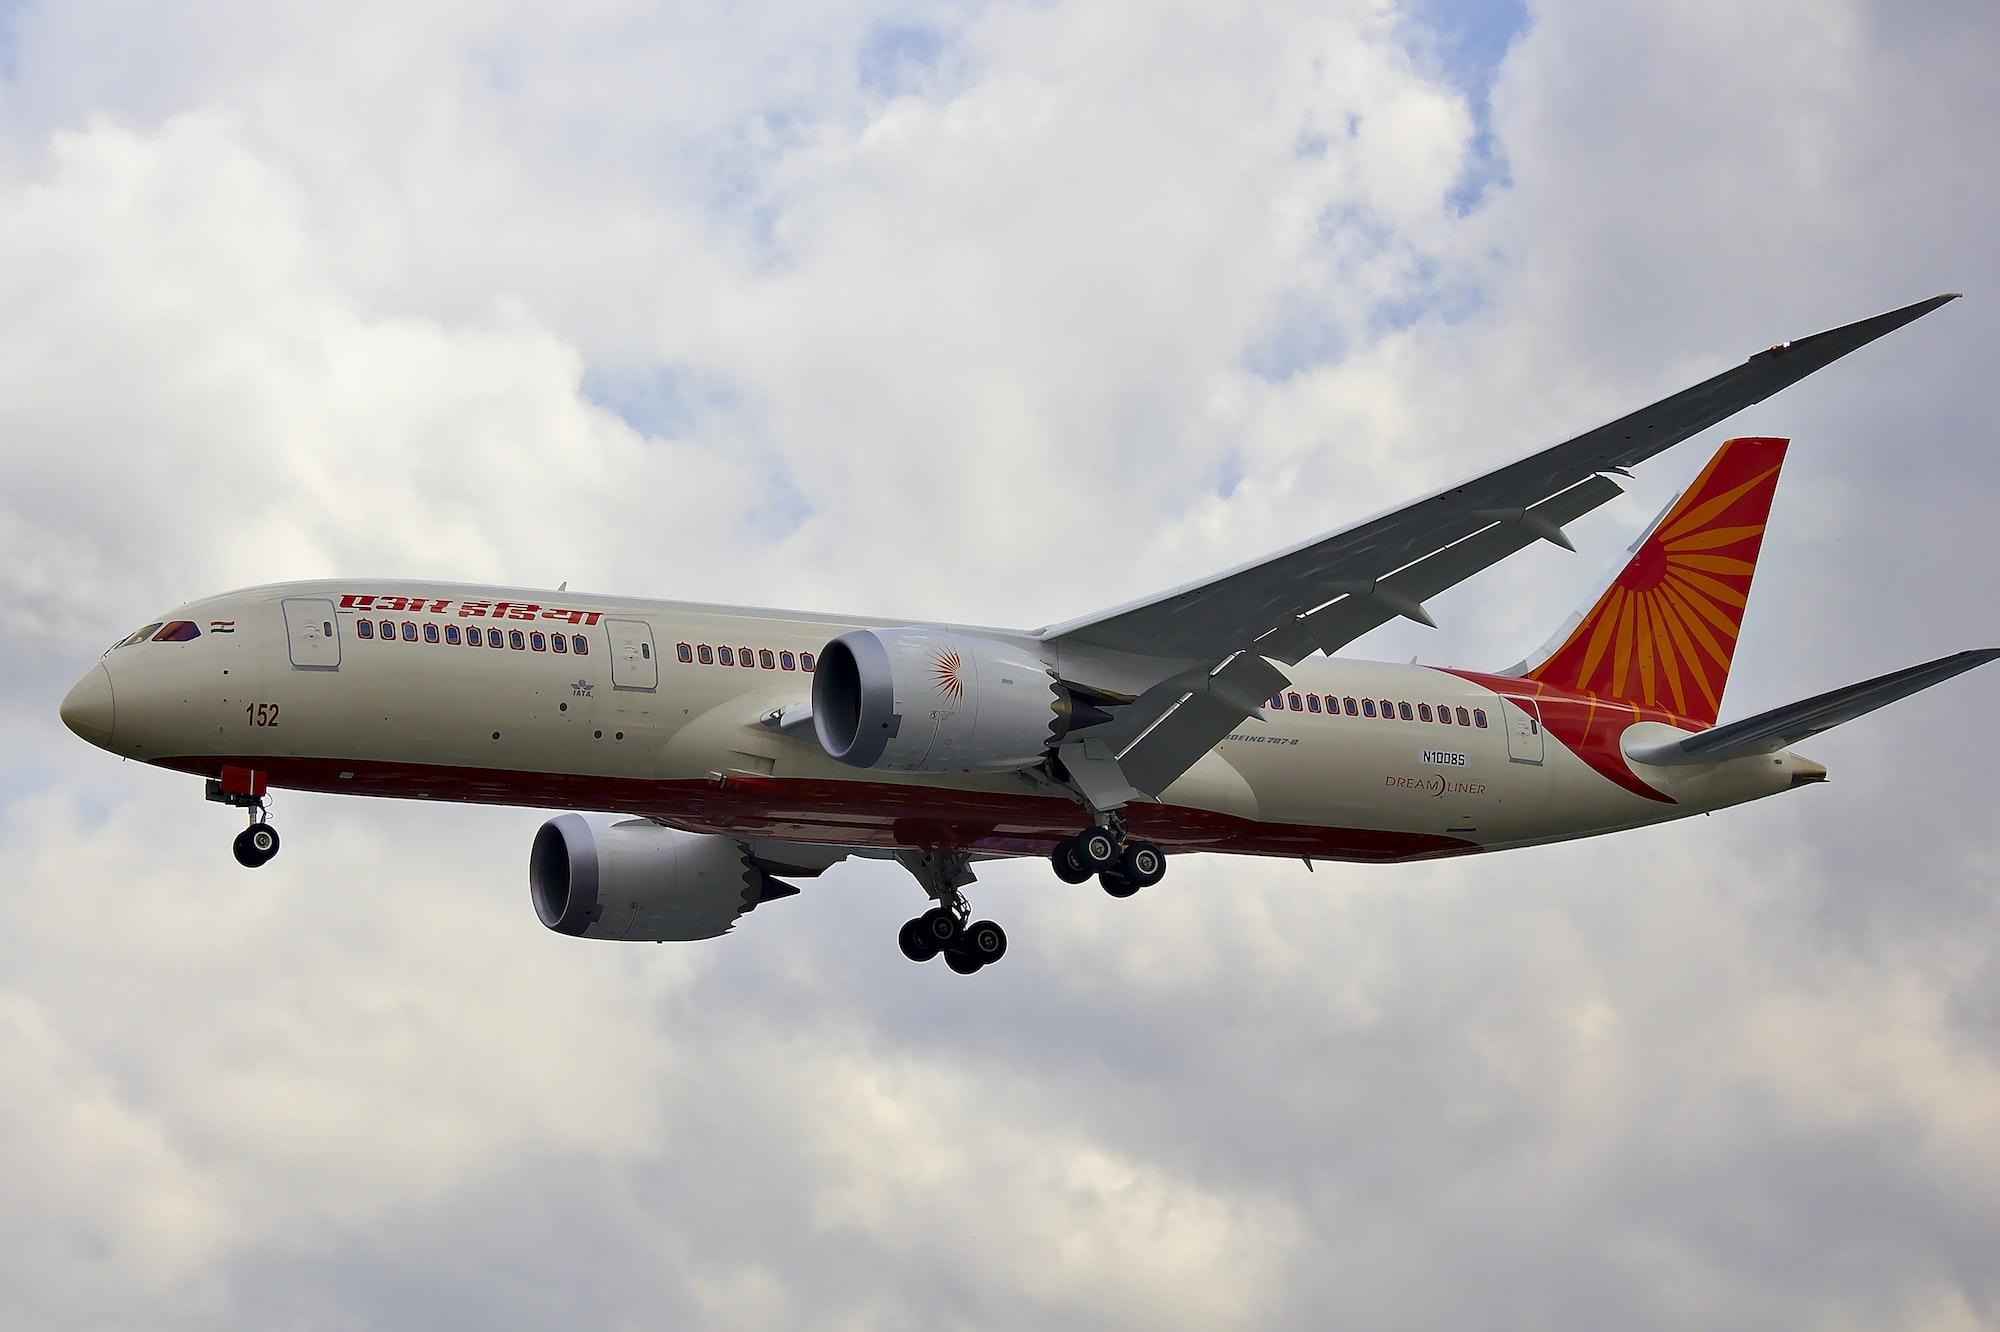 कनाडा ने भारतीय उड़ानों पर चल रहा प्रतिबंध पांचवी बार फिर आगे बढ़ाया